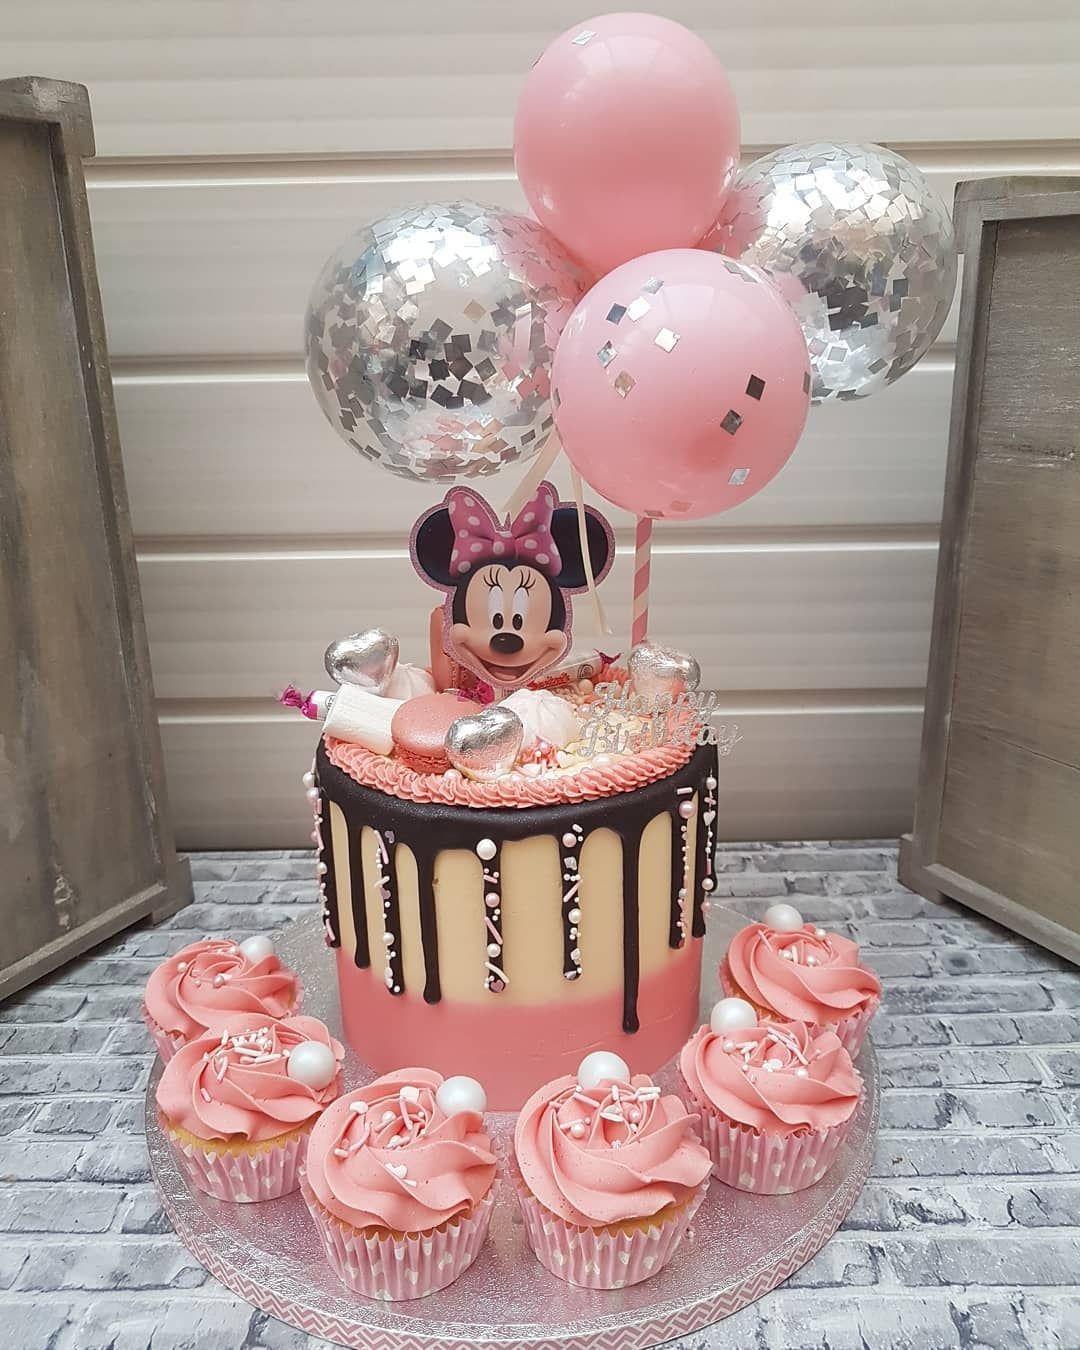 """Ballon Cake Topper 5 """"Mini Bunting Banner Girlande Party Geburtstag Hochzeit Hallo 30 Baby verlobt Kuchen ein Smash Pink klar Silber Konfetti   – Balloon Garland"""